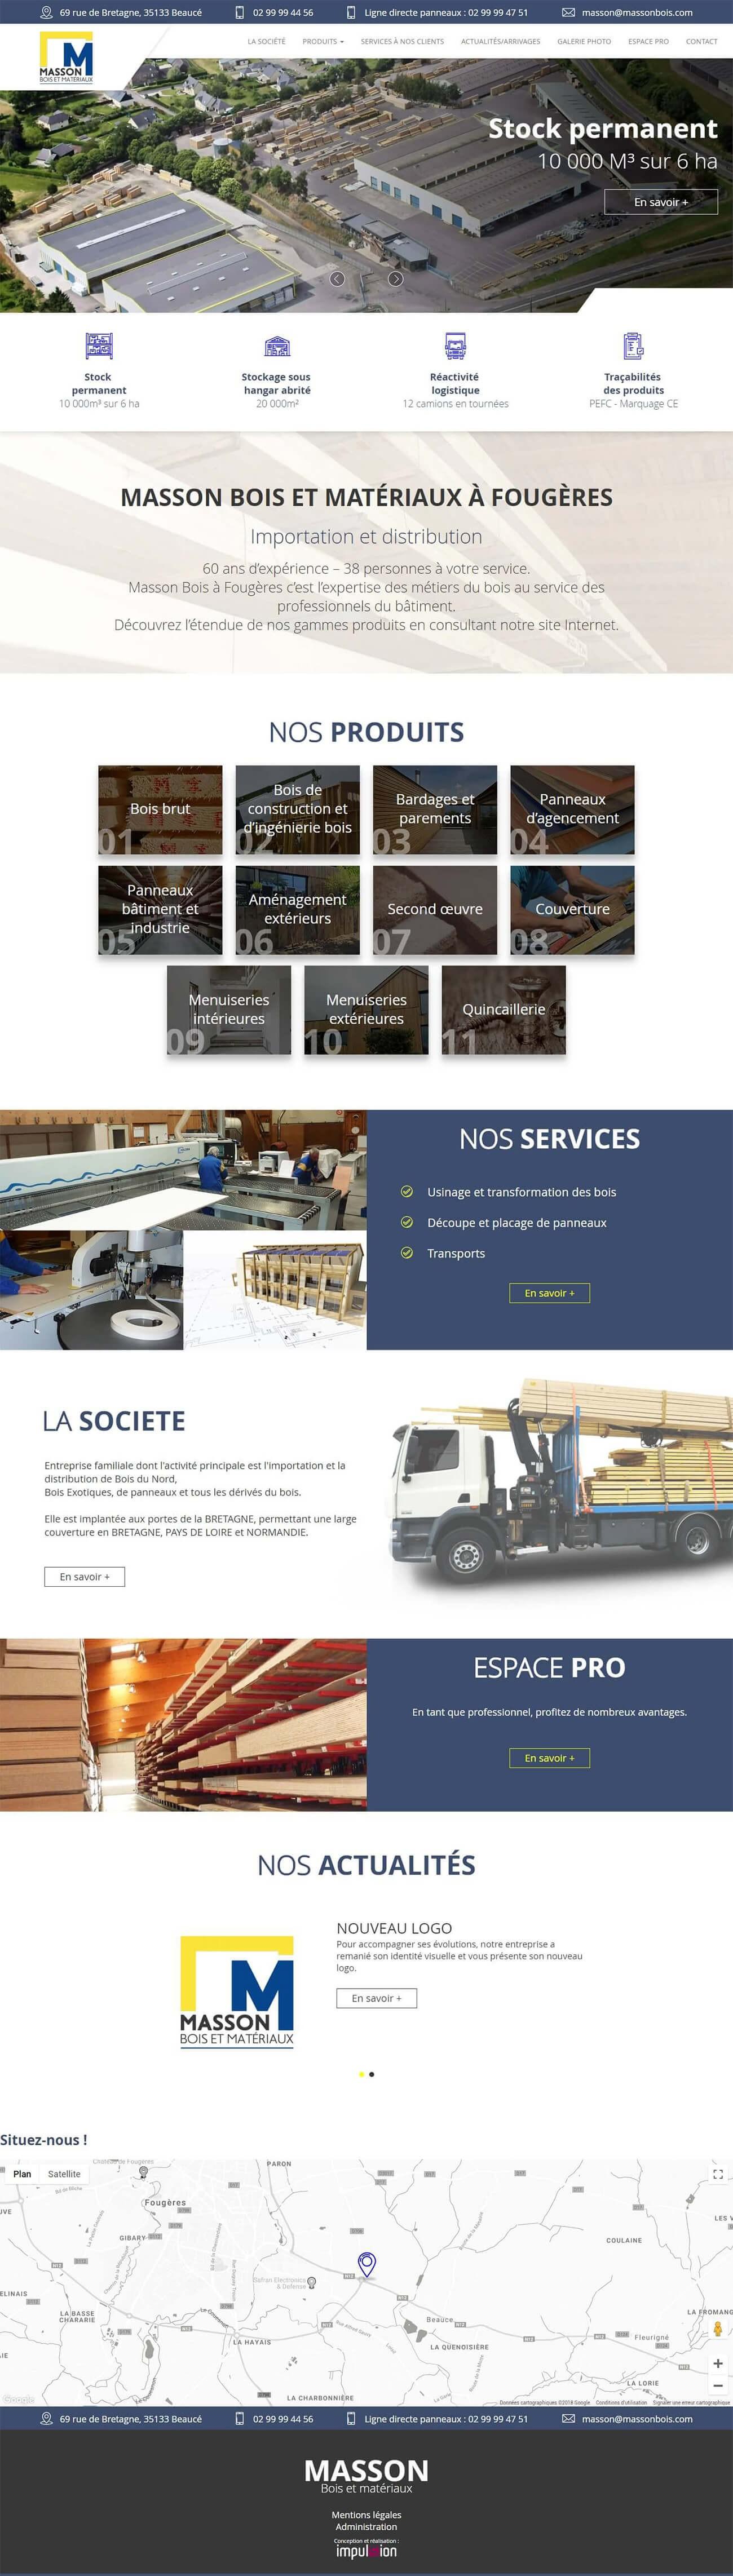 MASSON-bois-et-matériaux-À-fougères--expert-des-métiers-du-bois.jpg